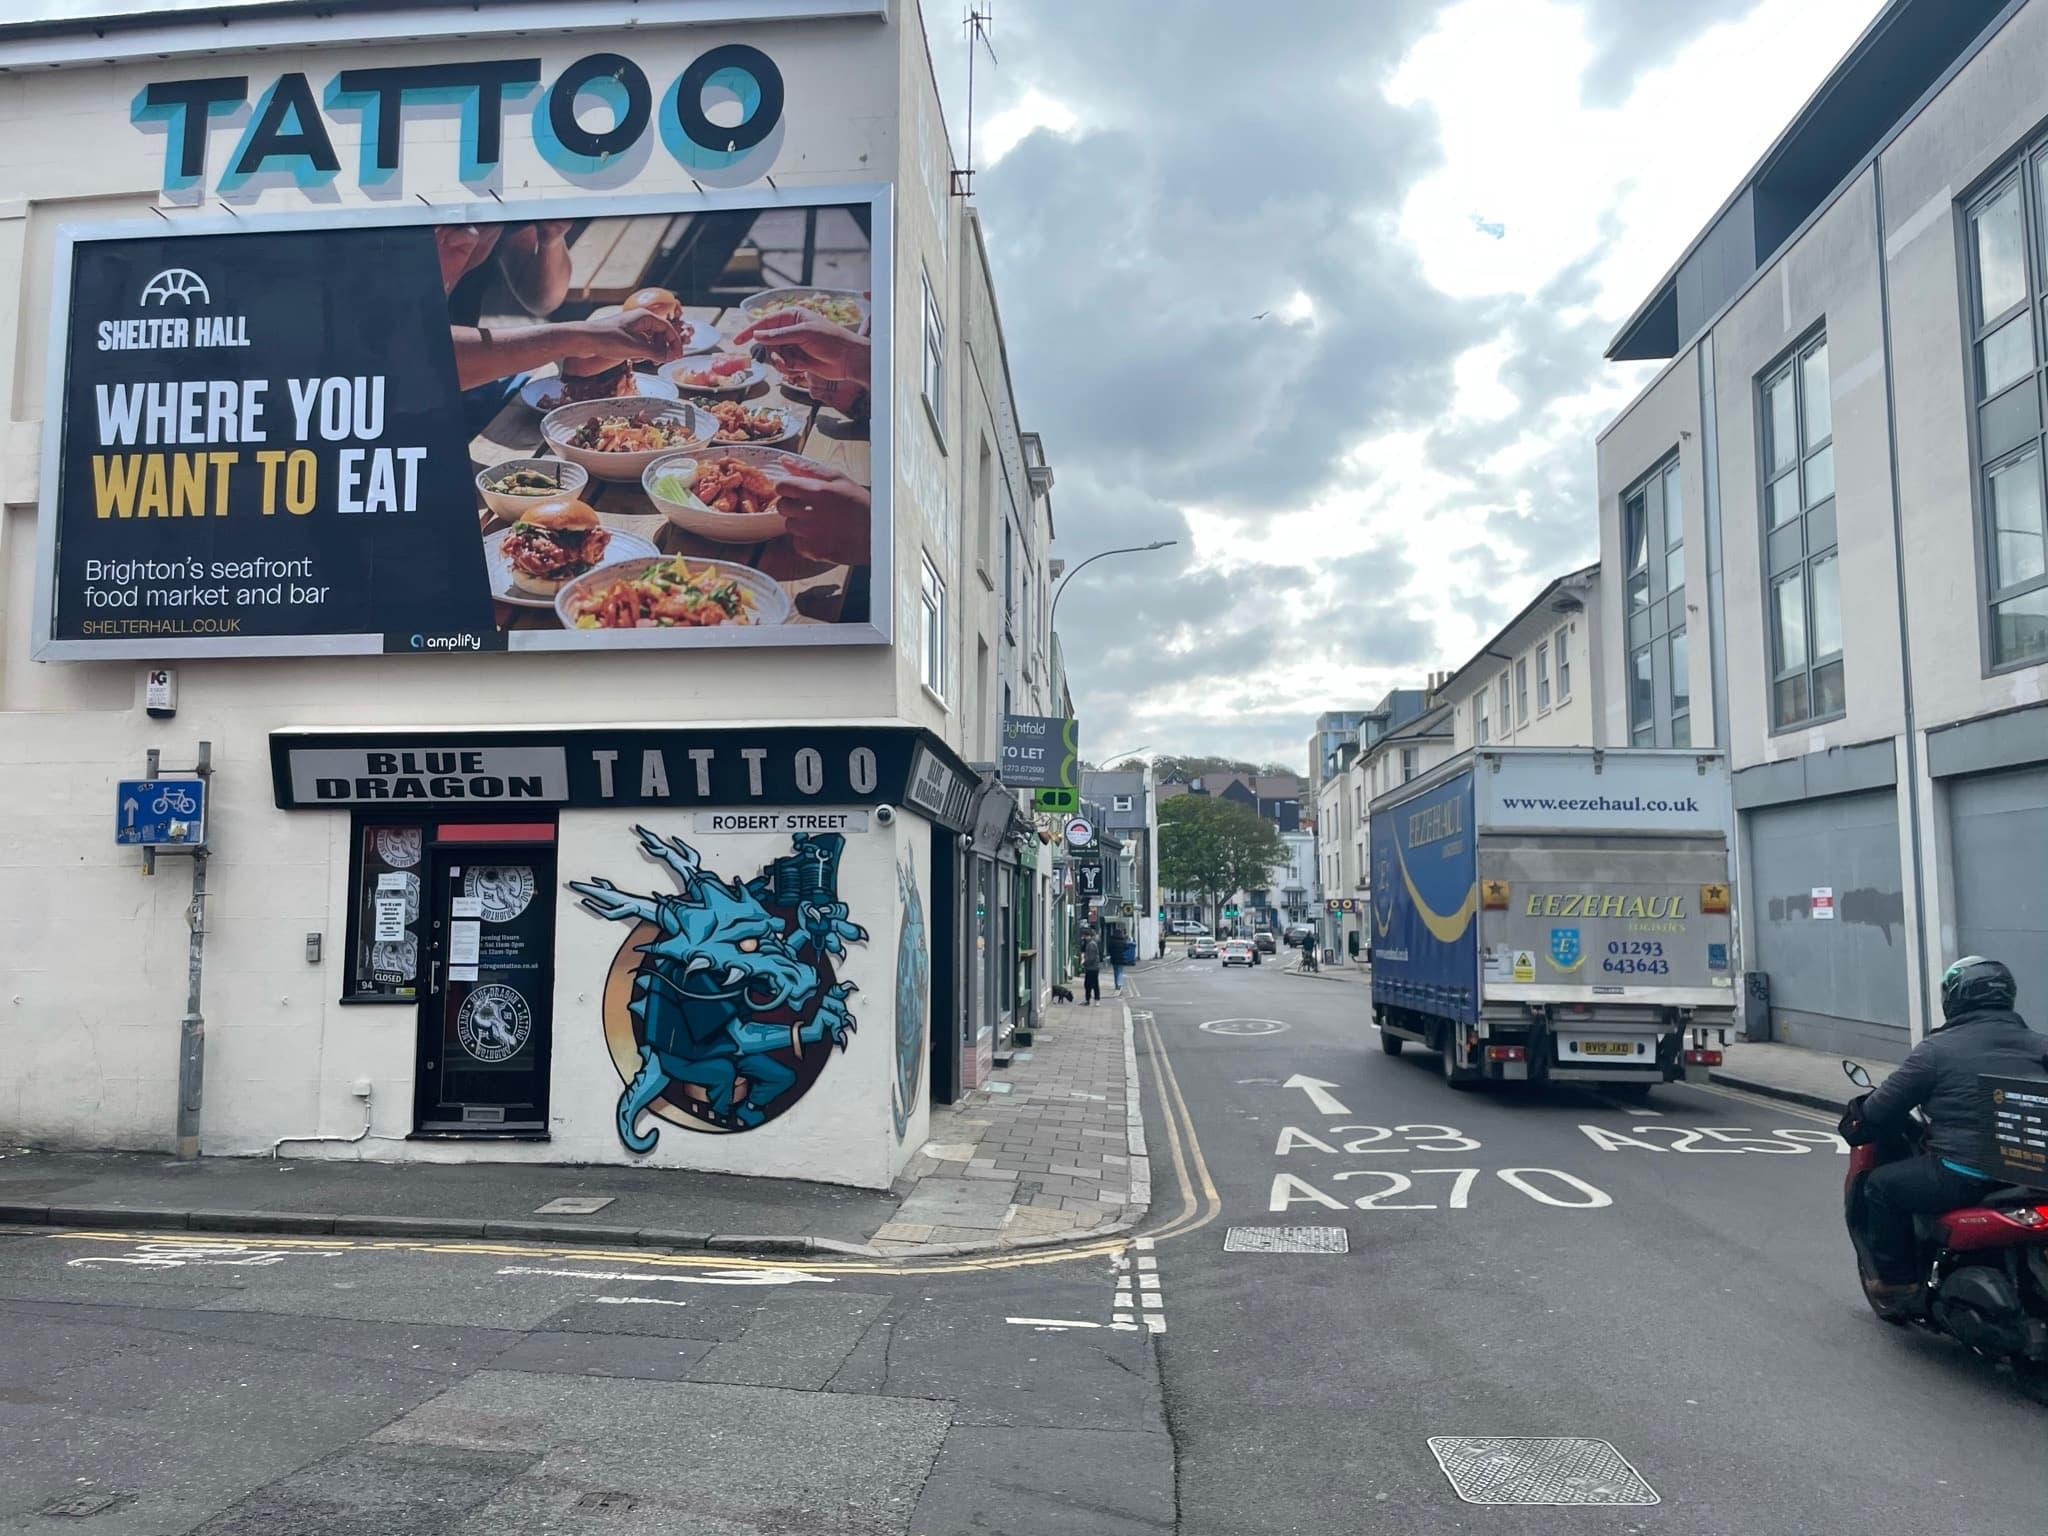 Effectiveness of outdoor advertising in the UK